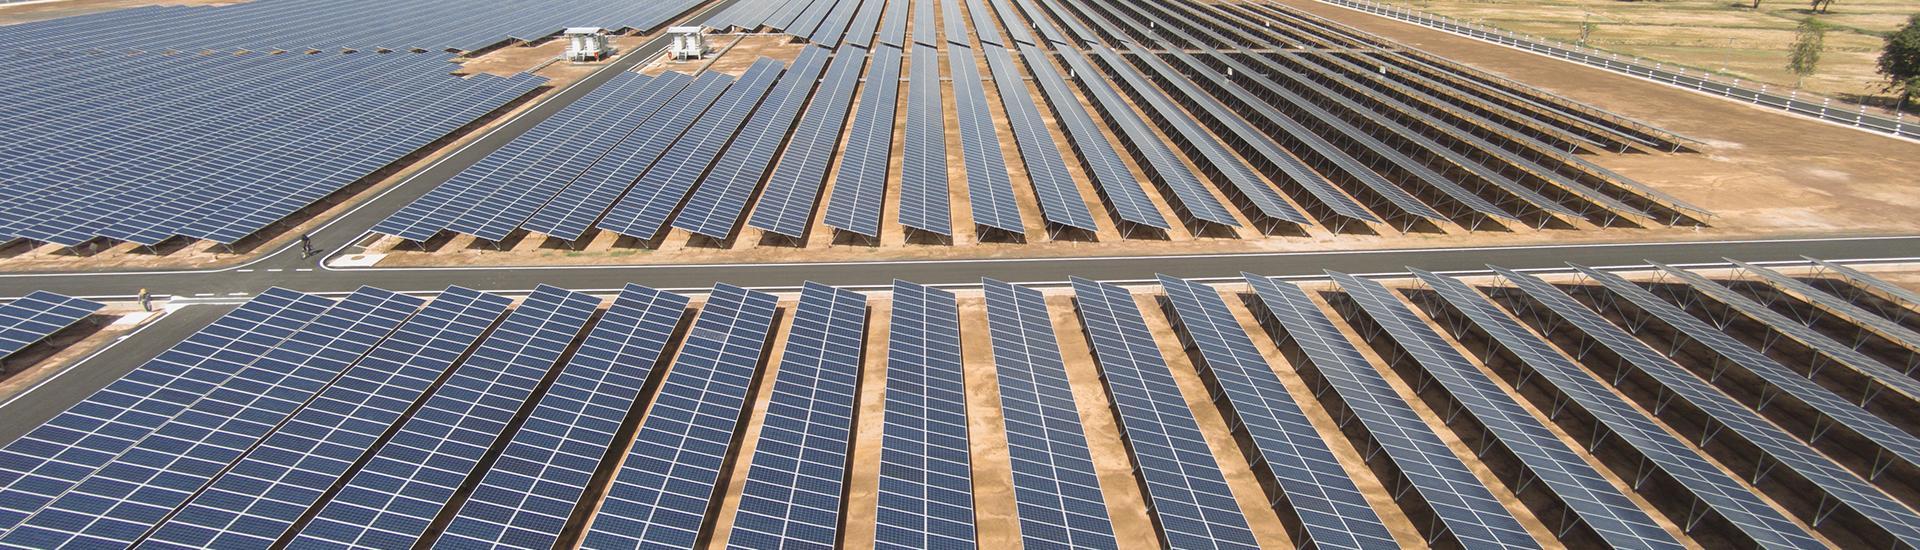 لقطة تصويرية بزاوية واسعة للوحات شمسية مثبتة معا في مزرعة طاقة شمسية لتوليد طاقة متجددة.